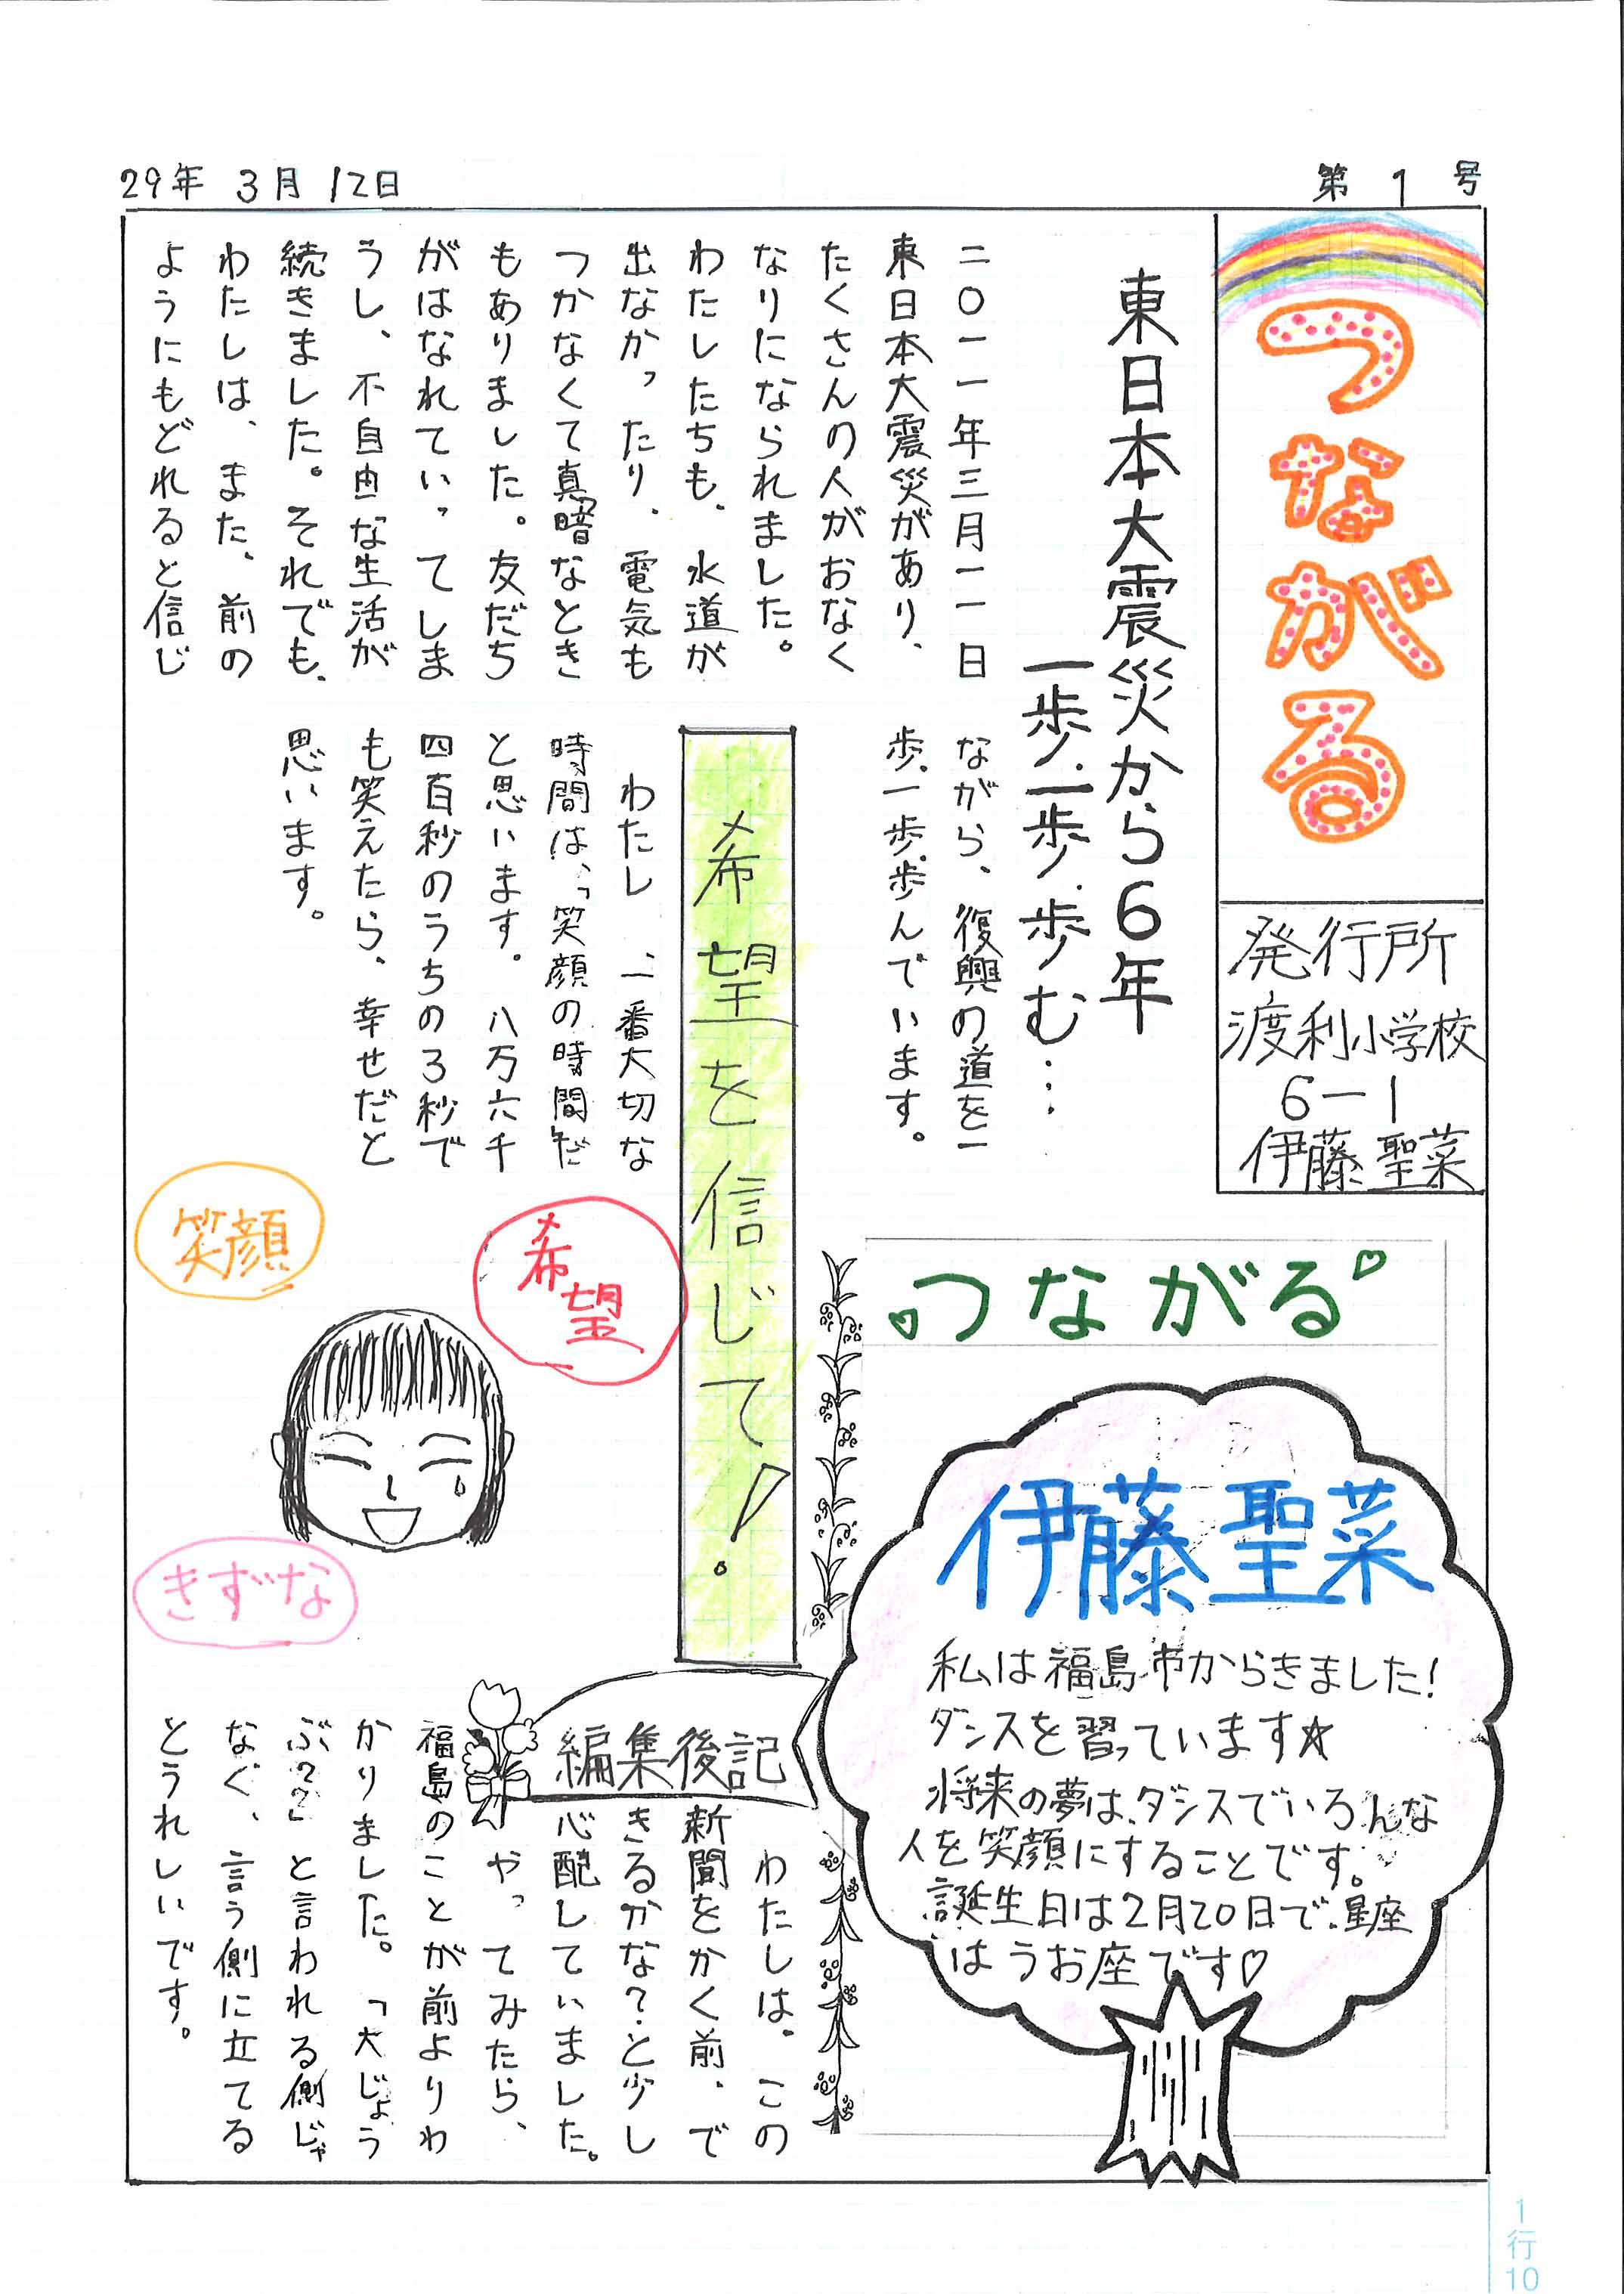 http://bunp.47news.jp/event/images/min1012_003.jpg